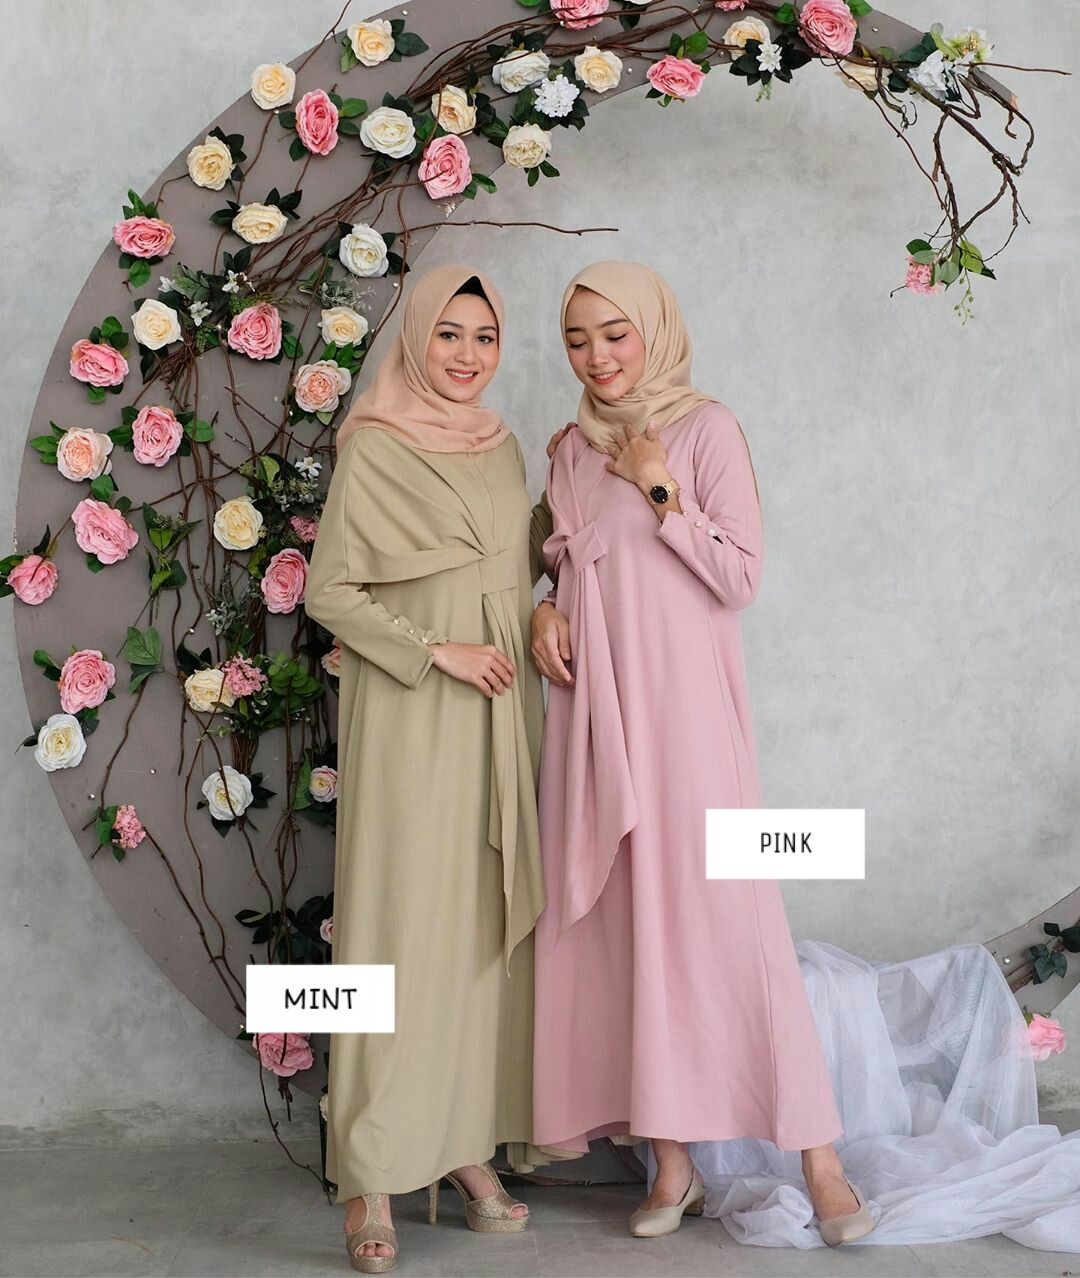 Denia Maxi / Fashion Wanita / Baju Muslim Wanita / Gamis Modern / Dress Remaja / Gamis Syari / Baju Gamis Wanita Terbaru 2019 / Baju Muslim Wanita / Dress Remaja / Dress Syari / Kebaya untuk Wisuda / Long Dress / Dress Wanita Muslim / Pakaian Muslim